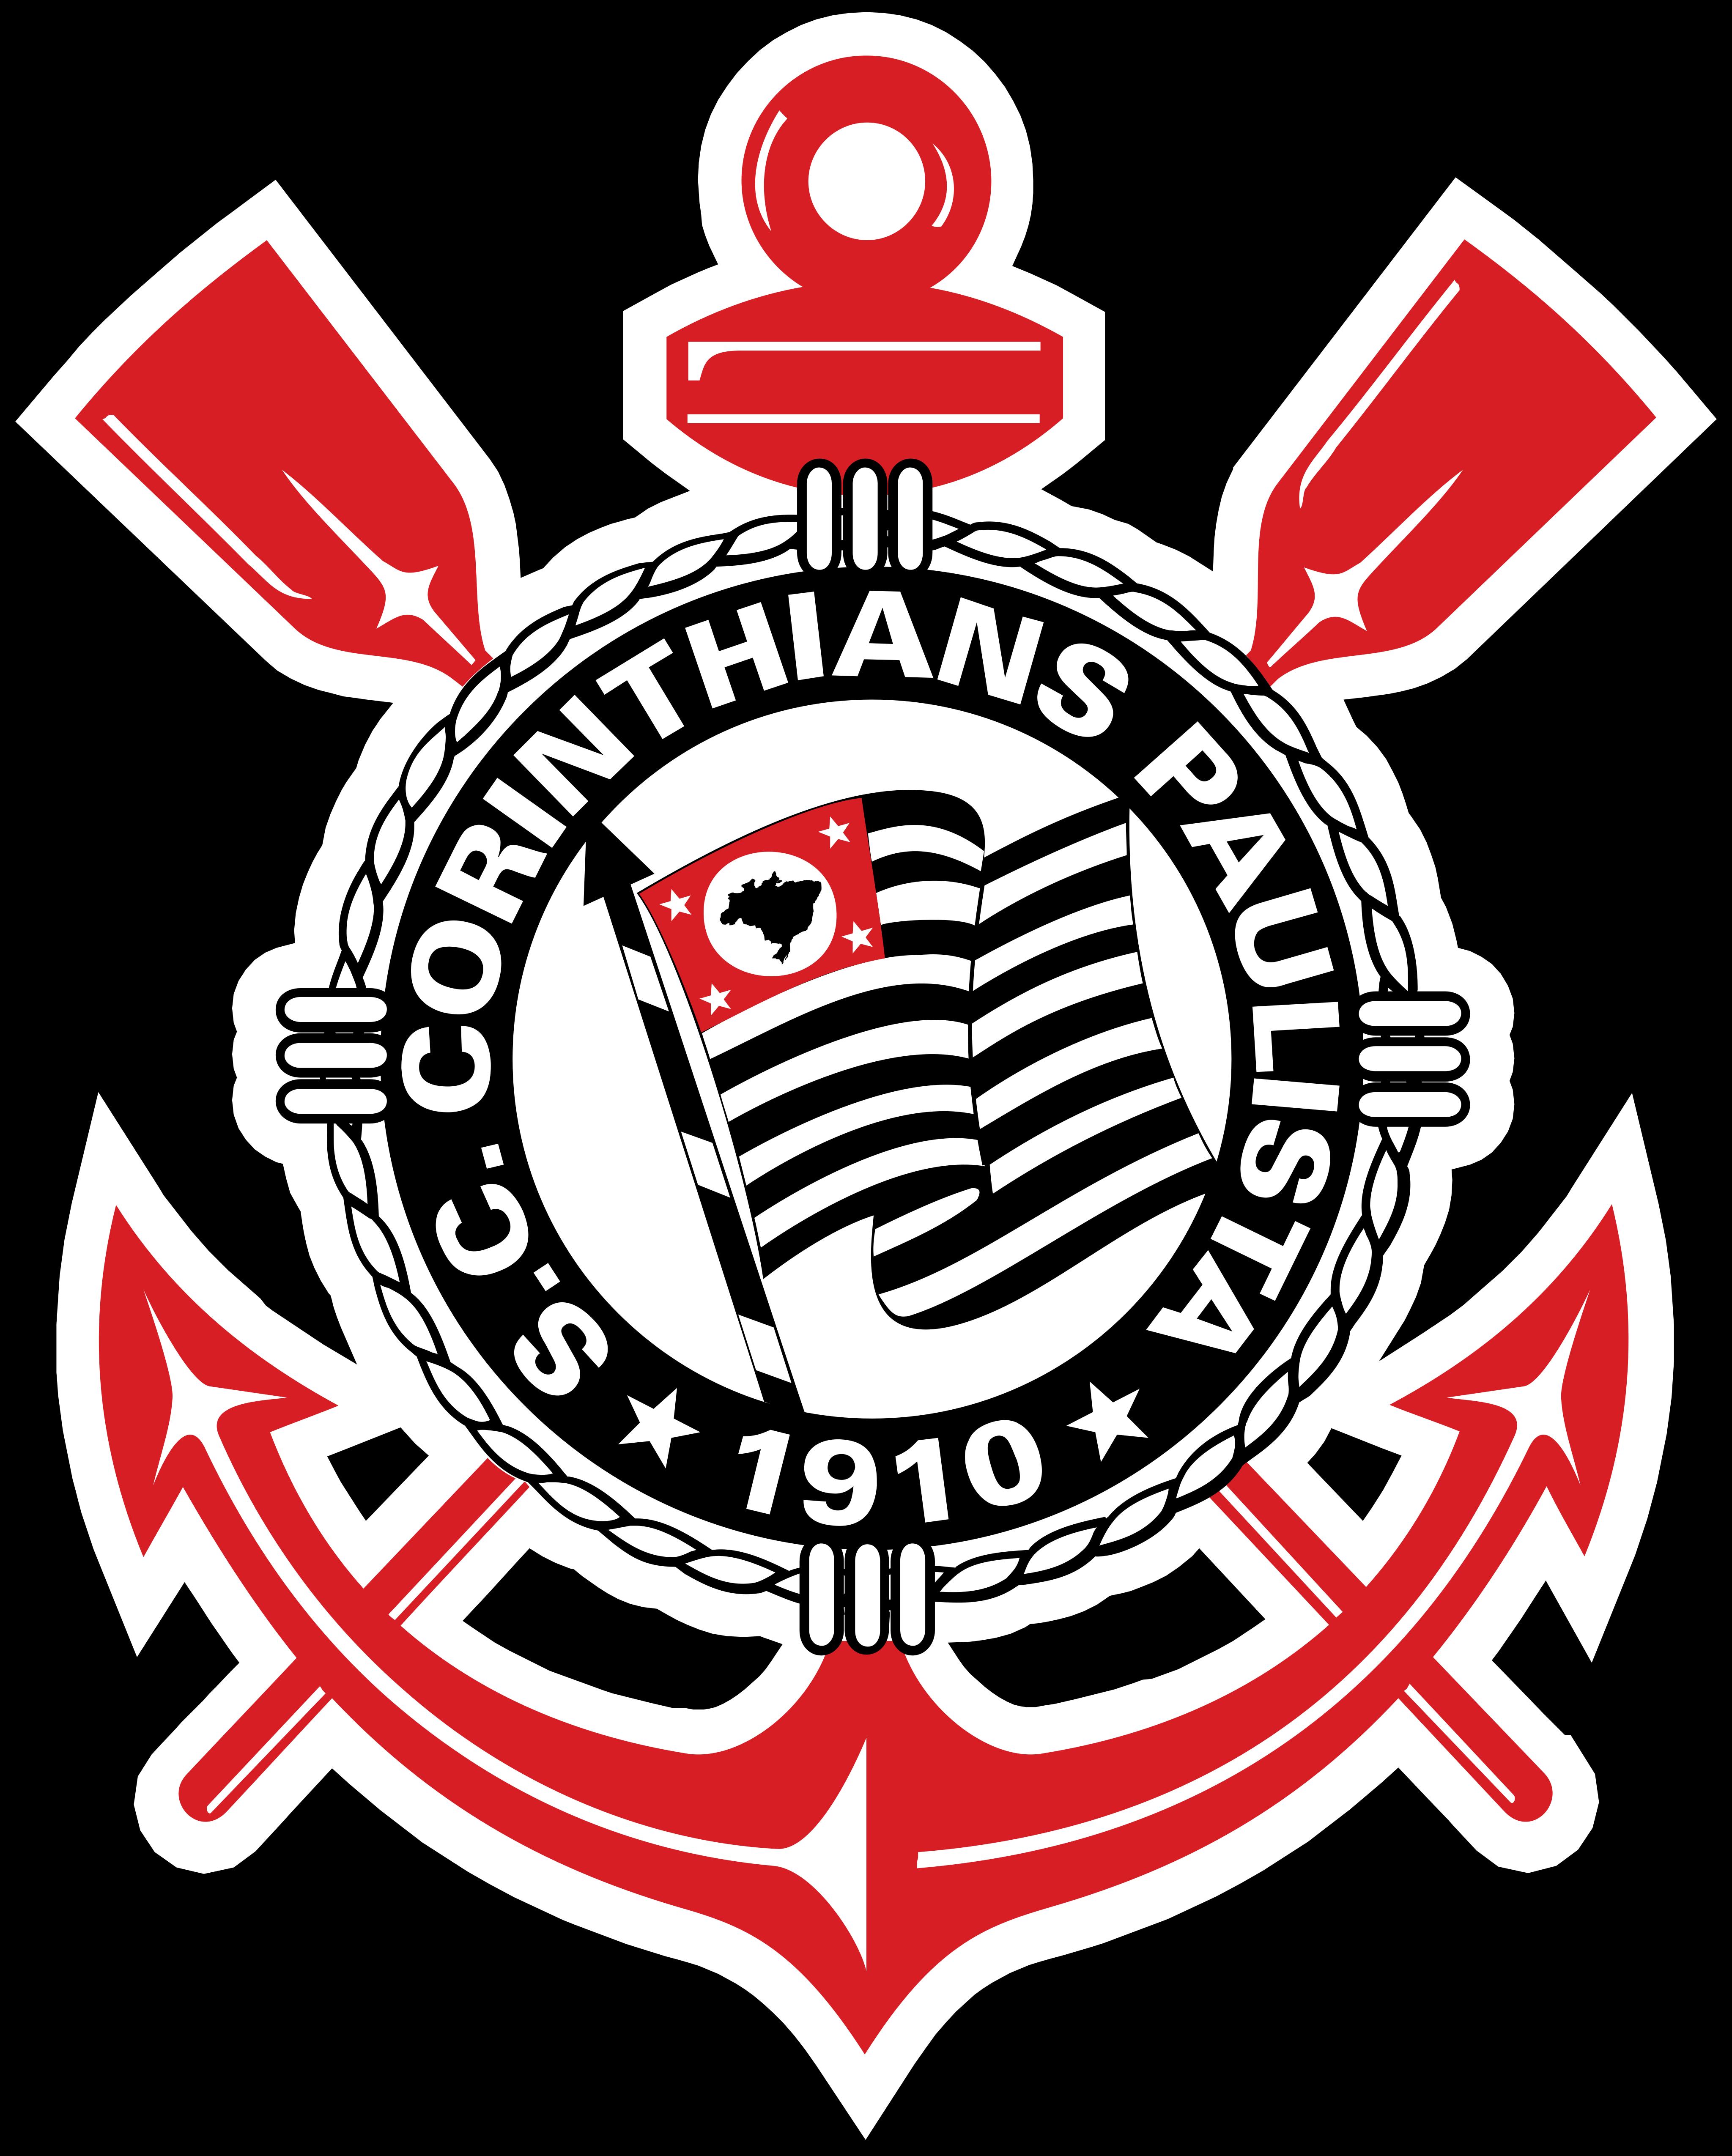 corinthians logo 01 - Corinthians Logo - Escudo